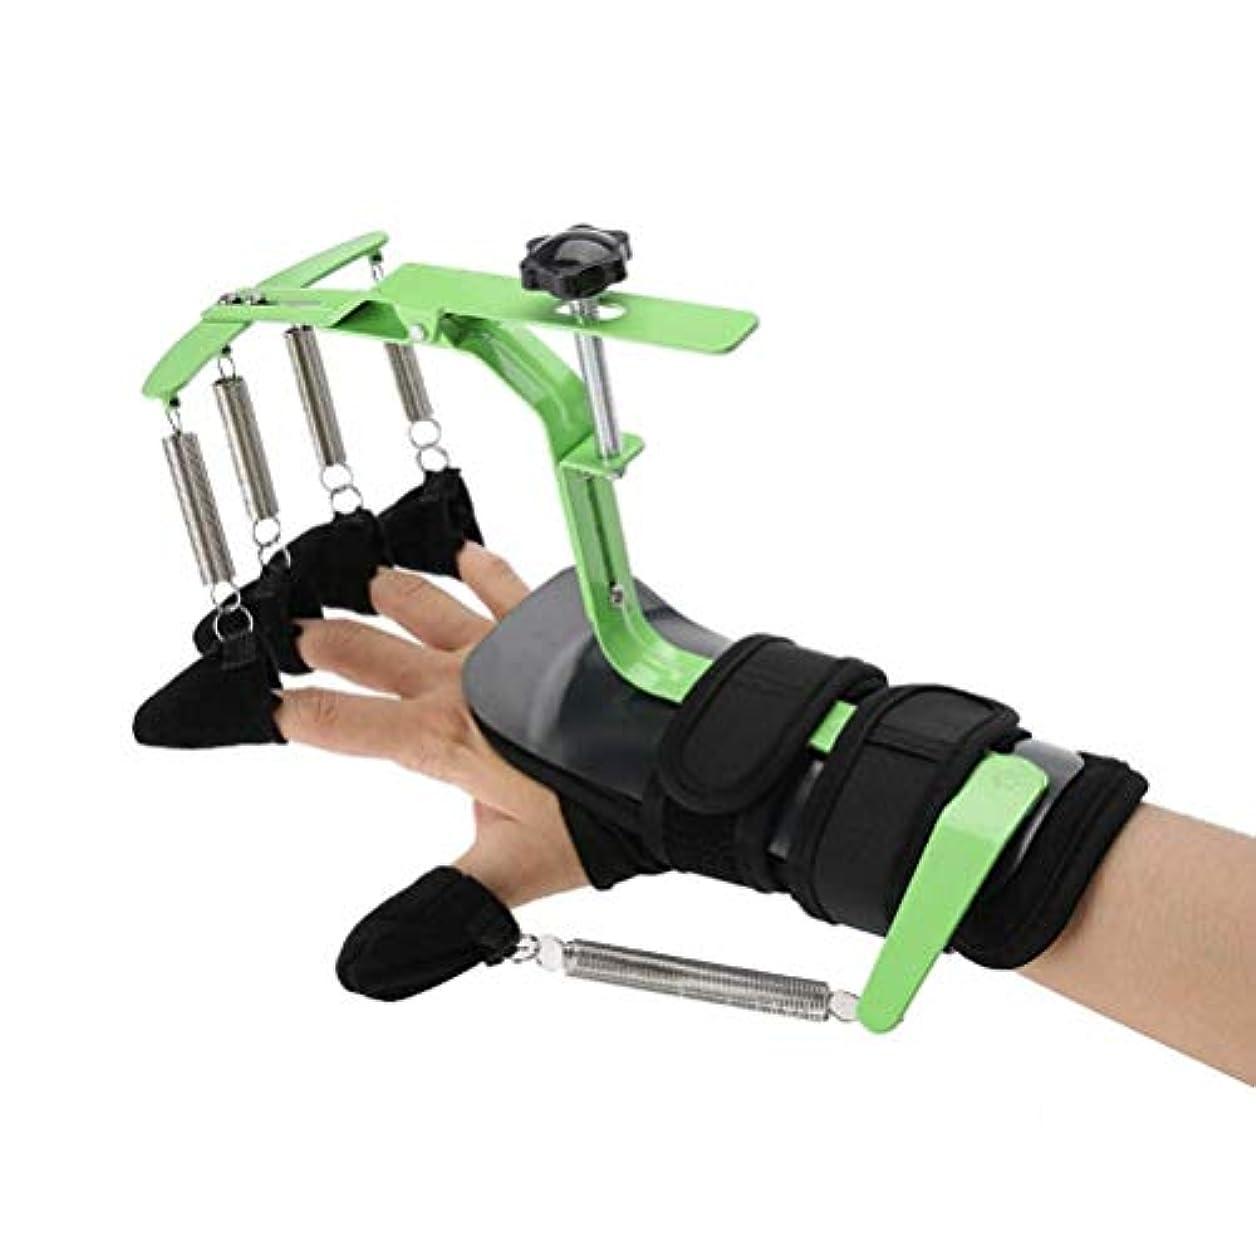 静める渦バンジージャンプ指の変形や破損指ナックル固定化、指矯正ブレースガードプロテクターリハビリトレーニングデバイス動的フィンガースプリントのために指のトレーニングデバイスフィンガースプリント